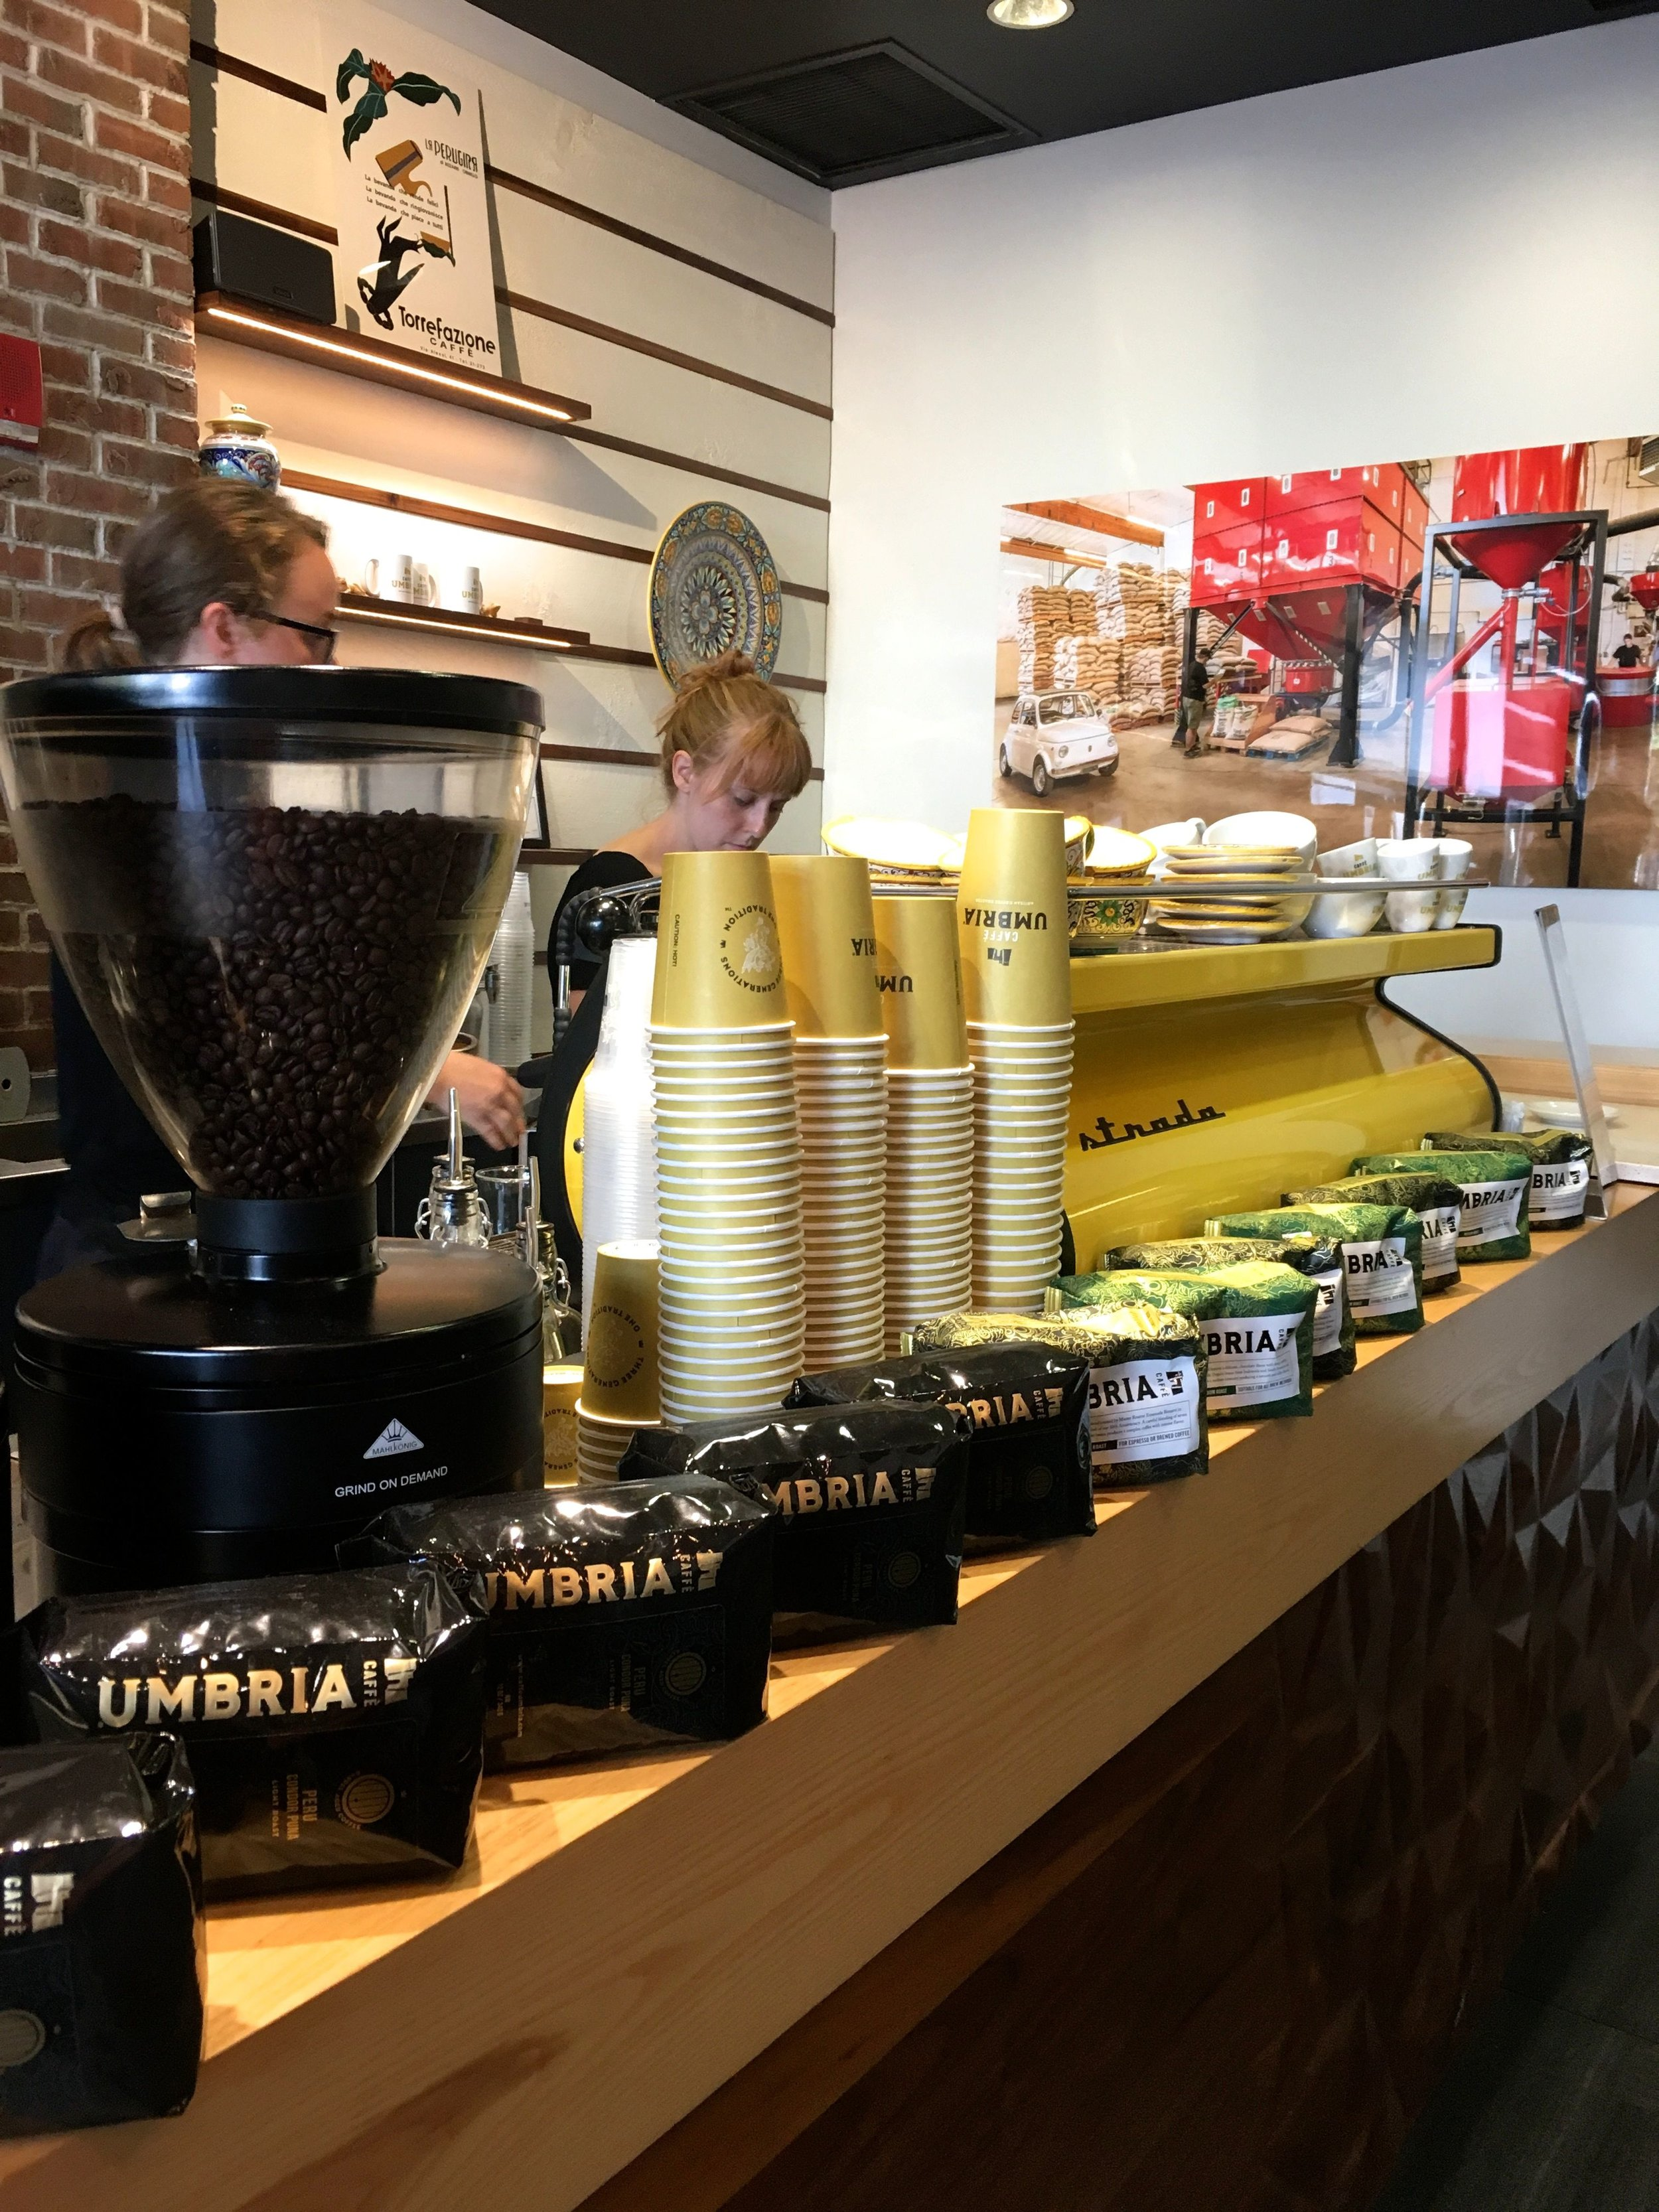 Umbria Coffee Options.jpg